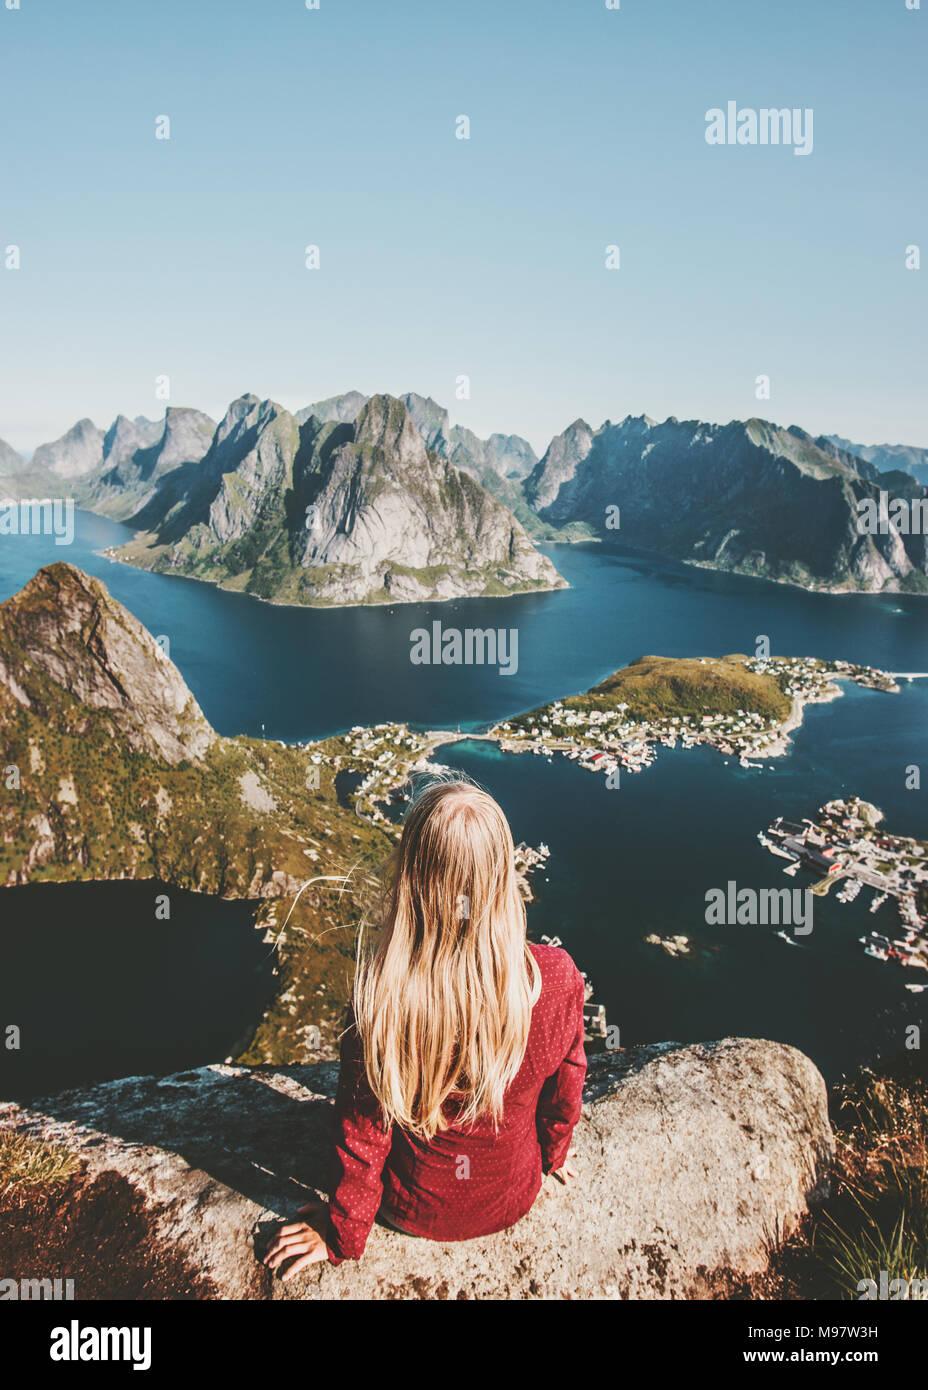 f4d40d4b13 Woman vue montagnes aériennes en Norvège voyage concept de vie sain en plein  air aventure vacances